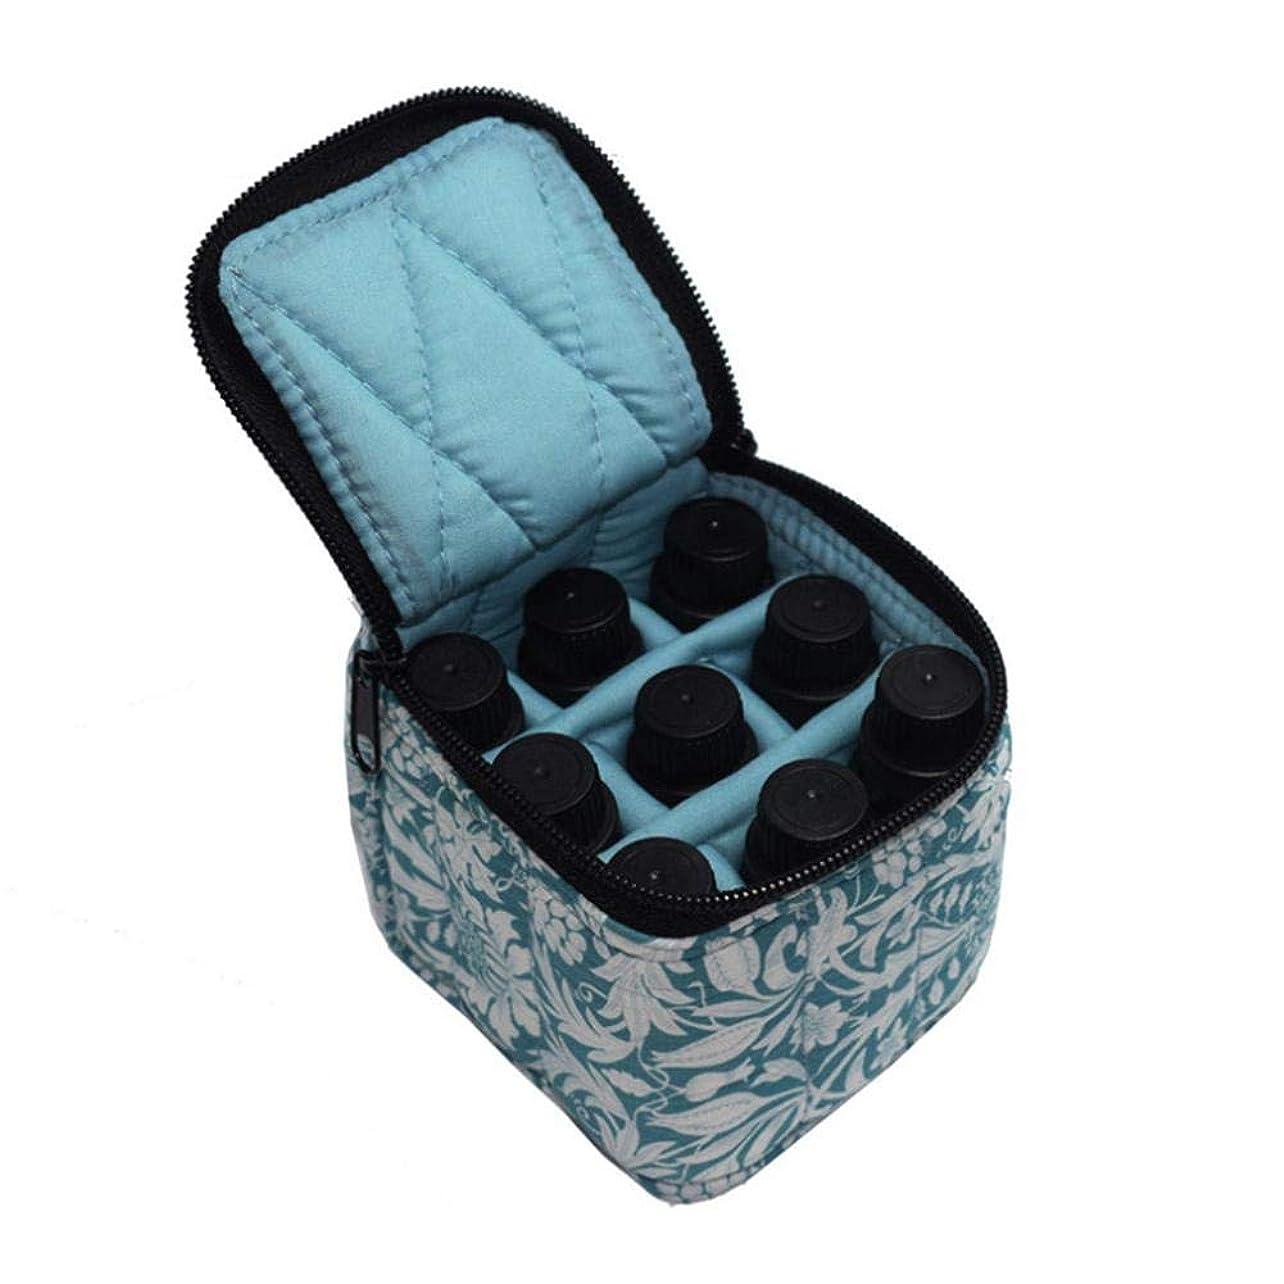 下向き流体仕事Pursue エッセンシャルオイル収納ケース アロマオイル収納ボックス アロマポーチ収納ケース 耐震 携帯便利 香水収納ポーチ 化粧ポーチ 9本用